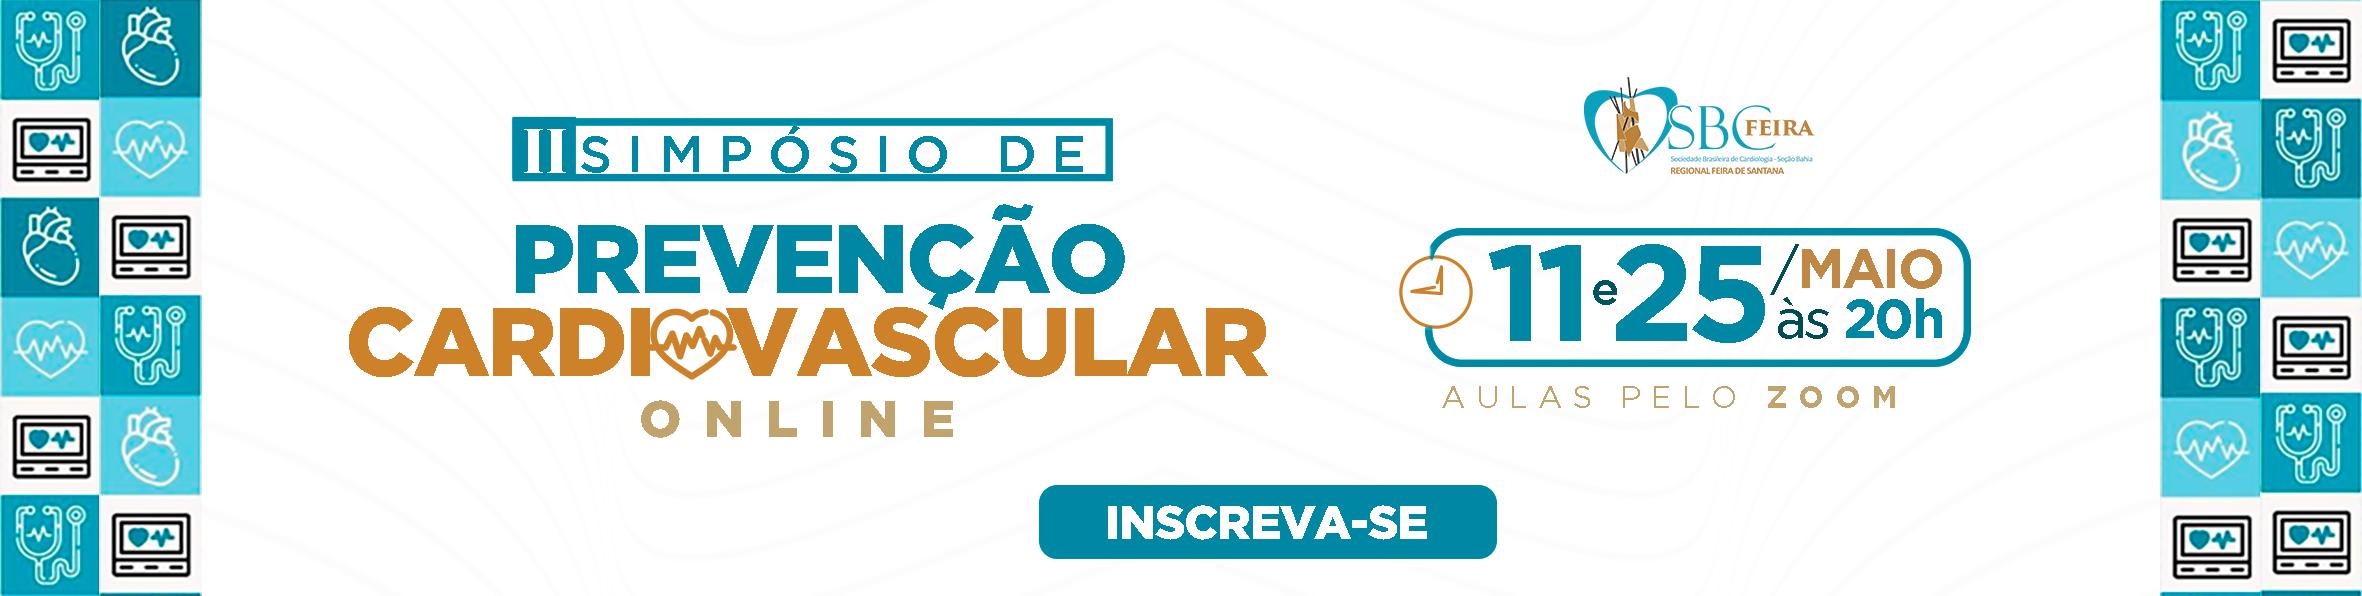 II SIMPÓSIO DE PREVENÇÃO CARDIOVASCULAR ONLINE